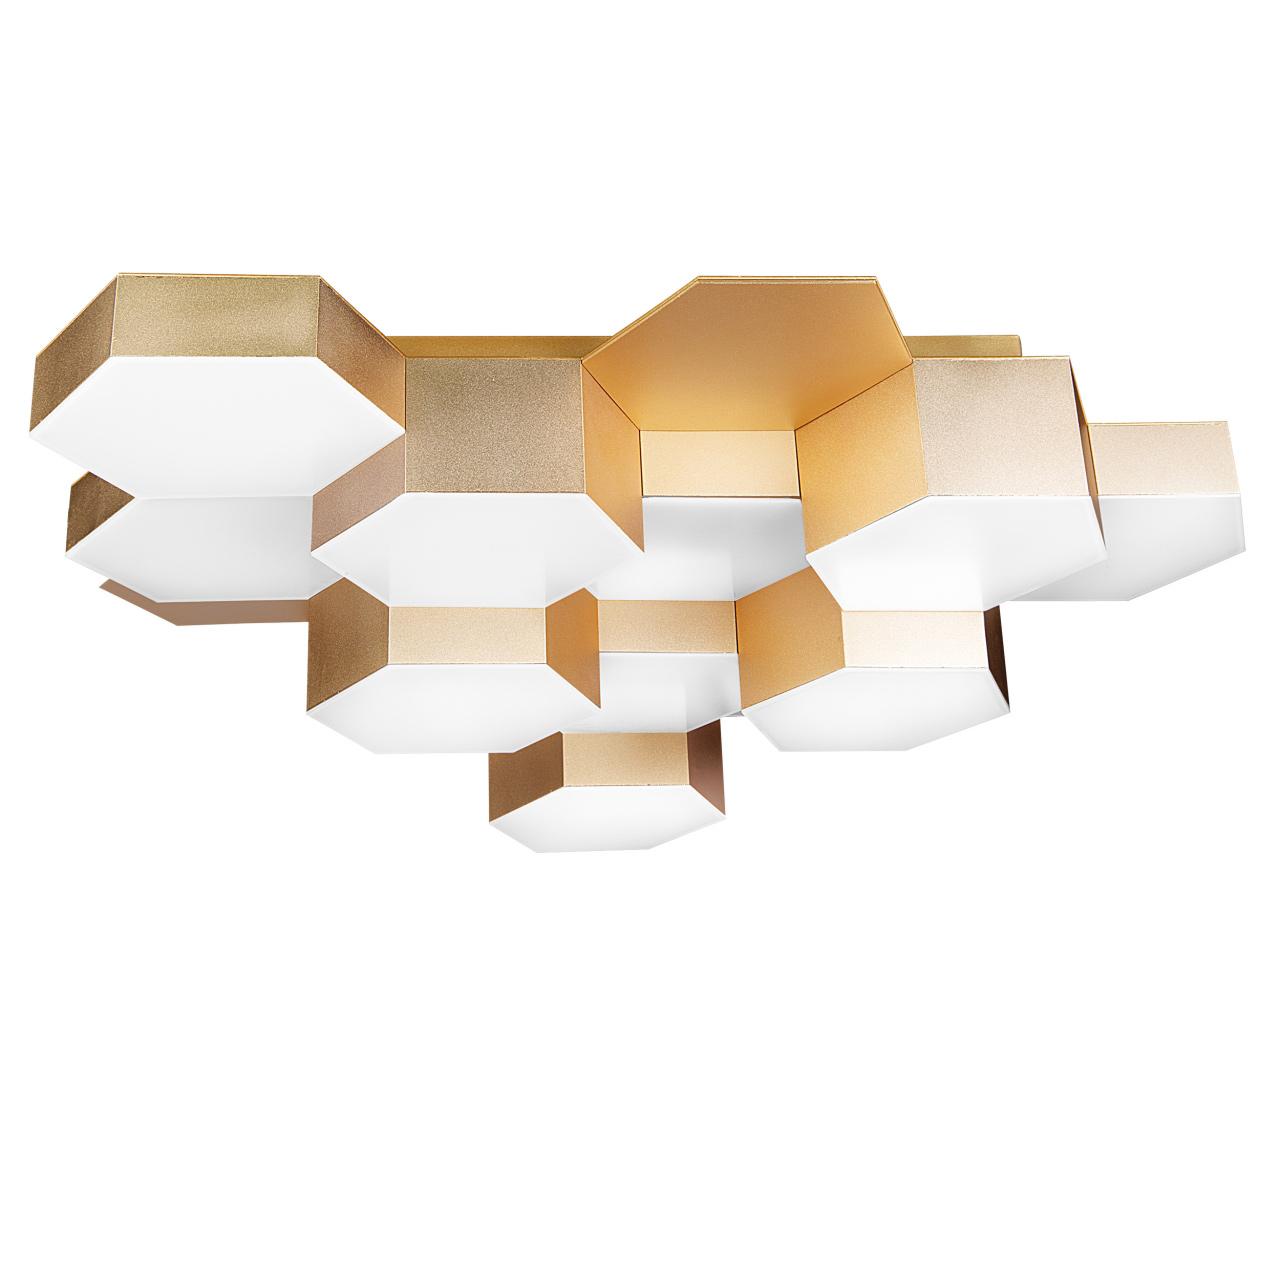 Светильник потолочный Favo LED-60W 2880LM satin gold 4000K Lightstar 750123